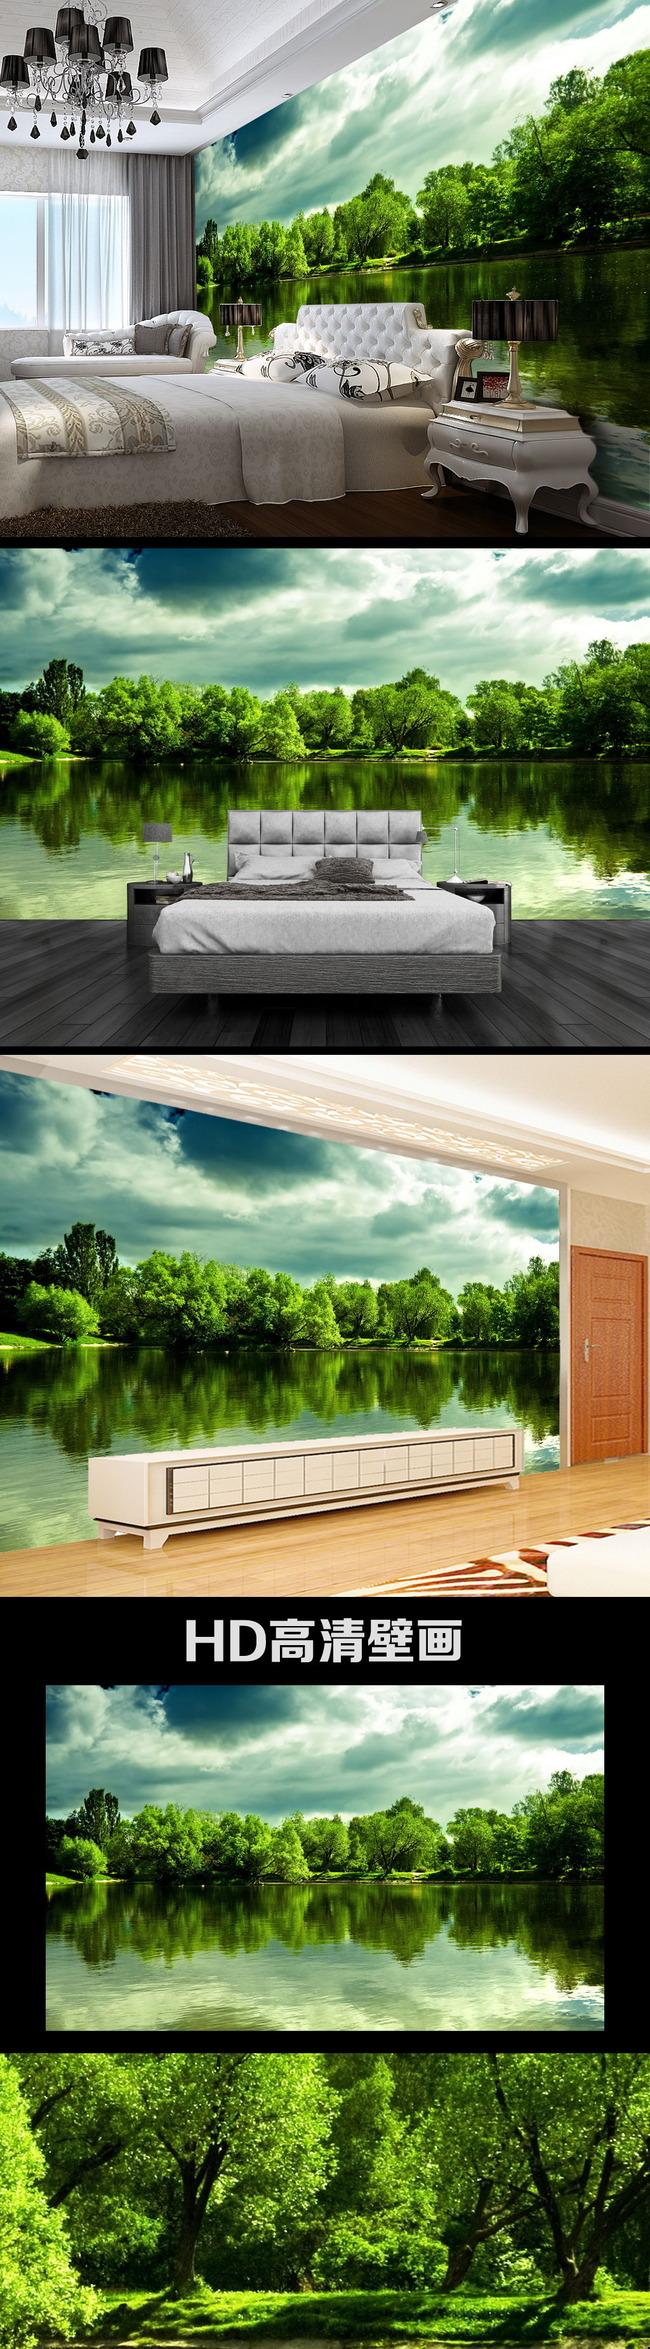 绿色森林水中倒影宁静小河风景画壁画